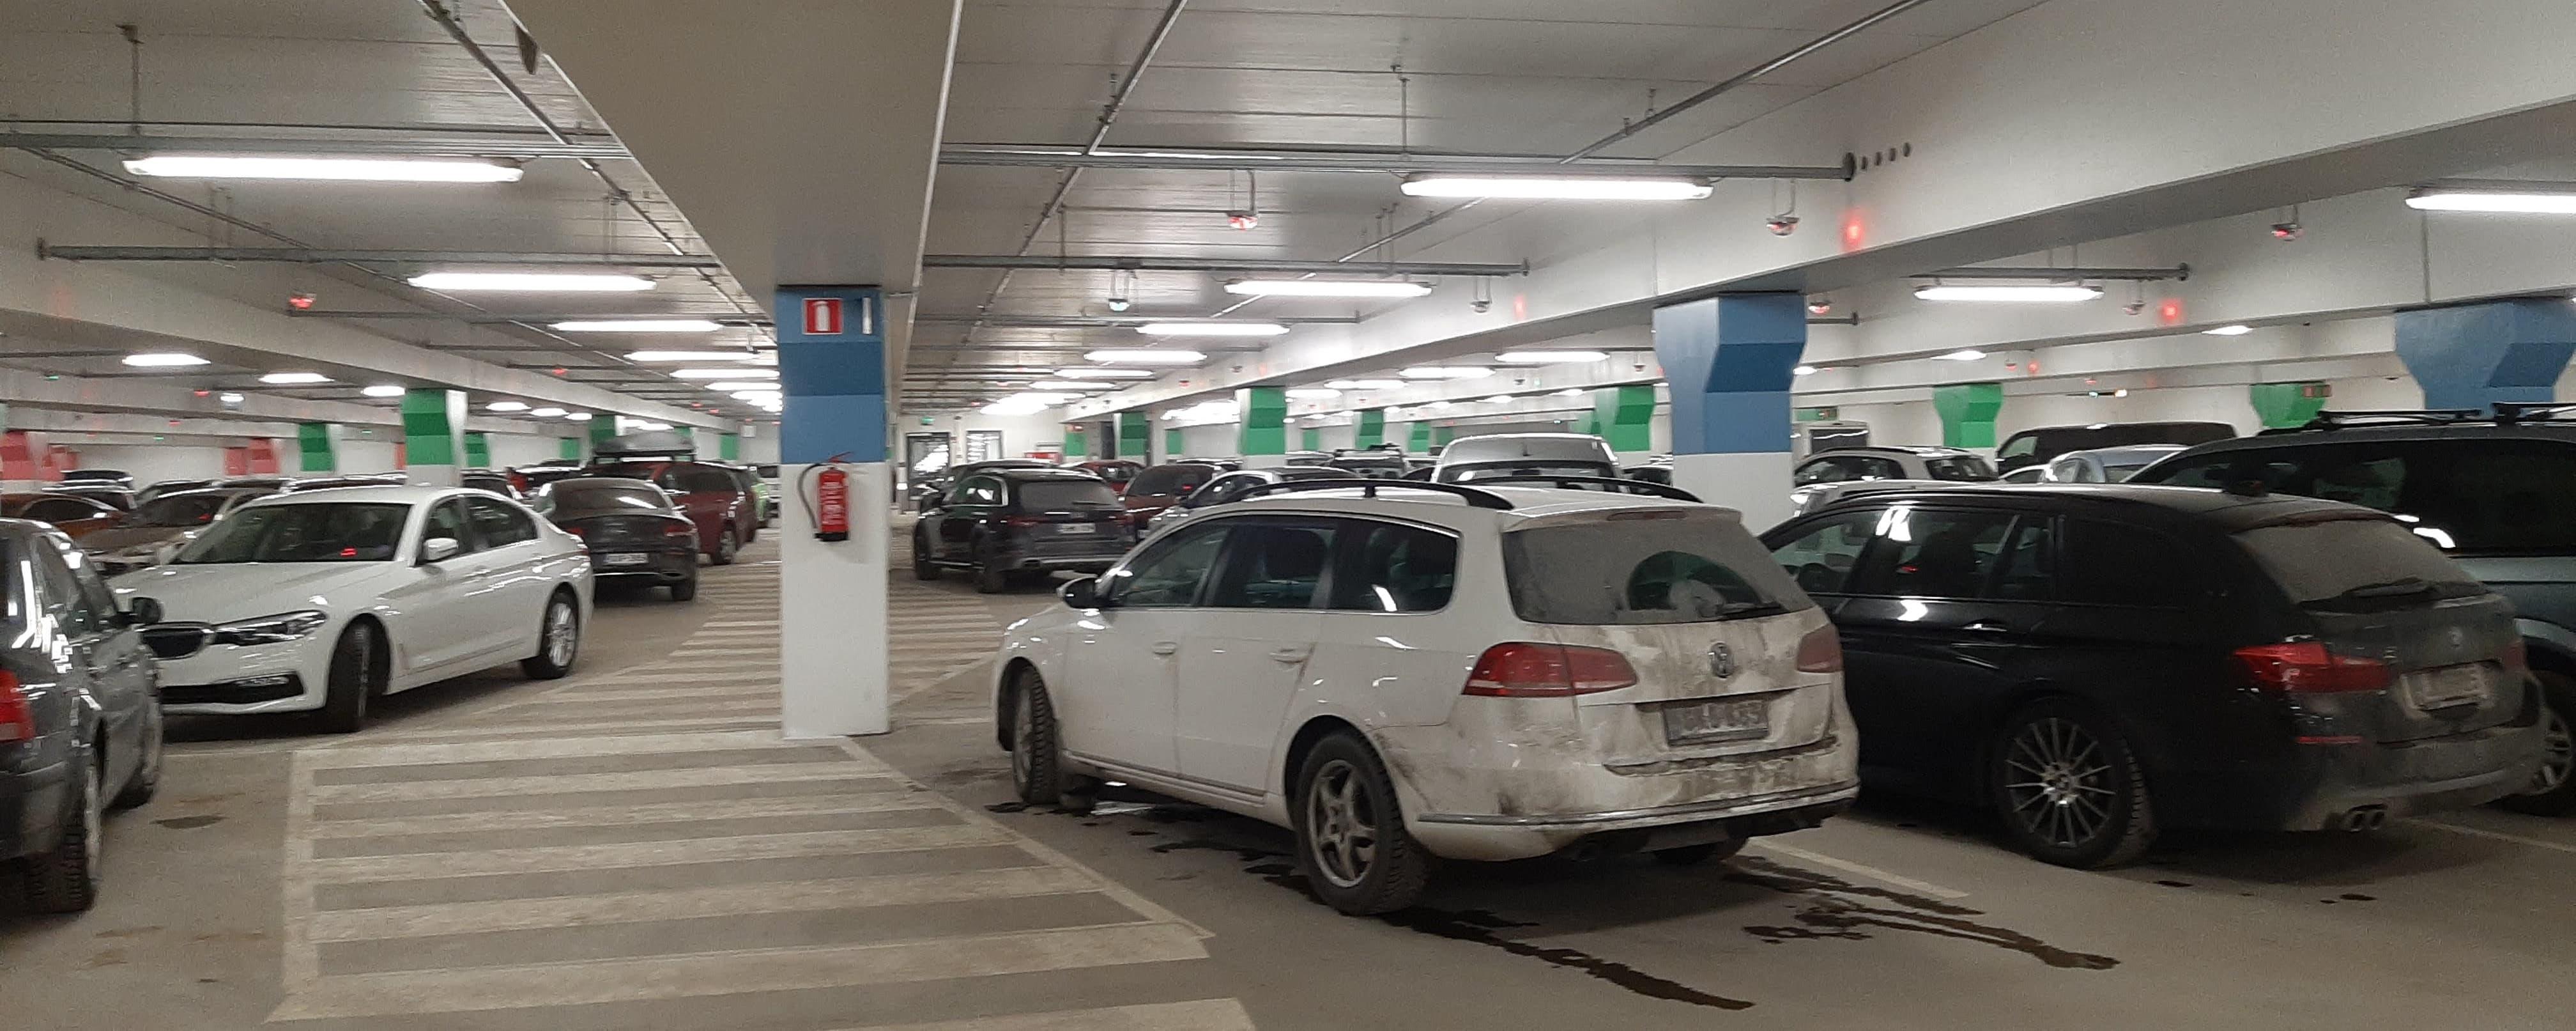 Autoja pysäköitynä parkkihalliin